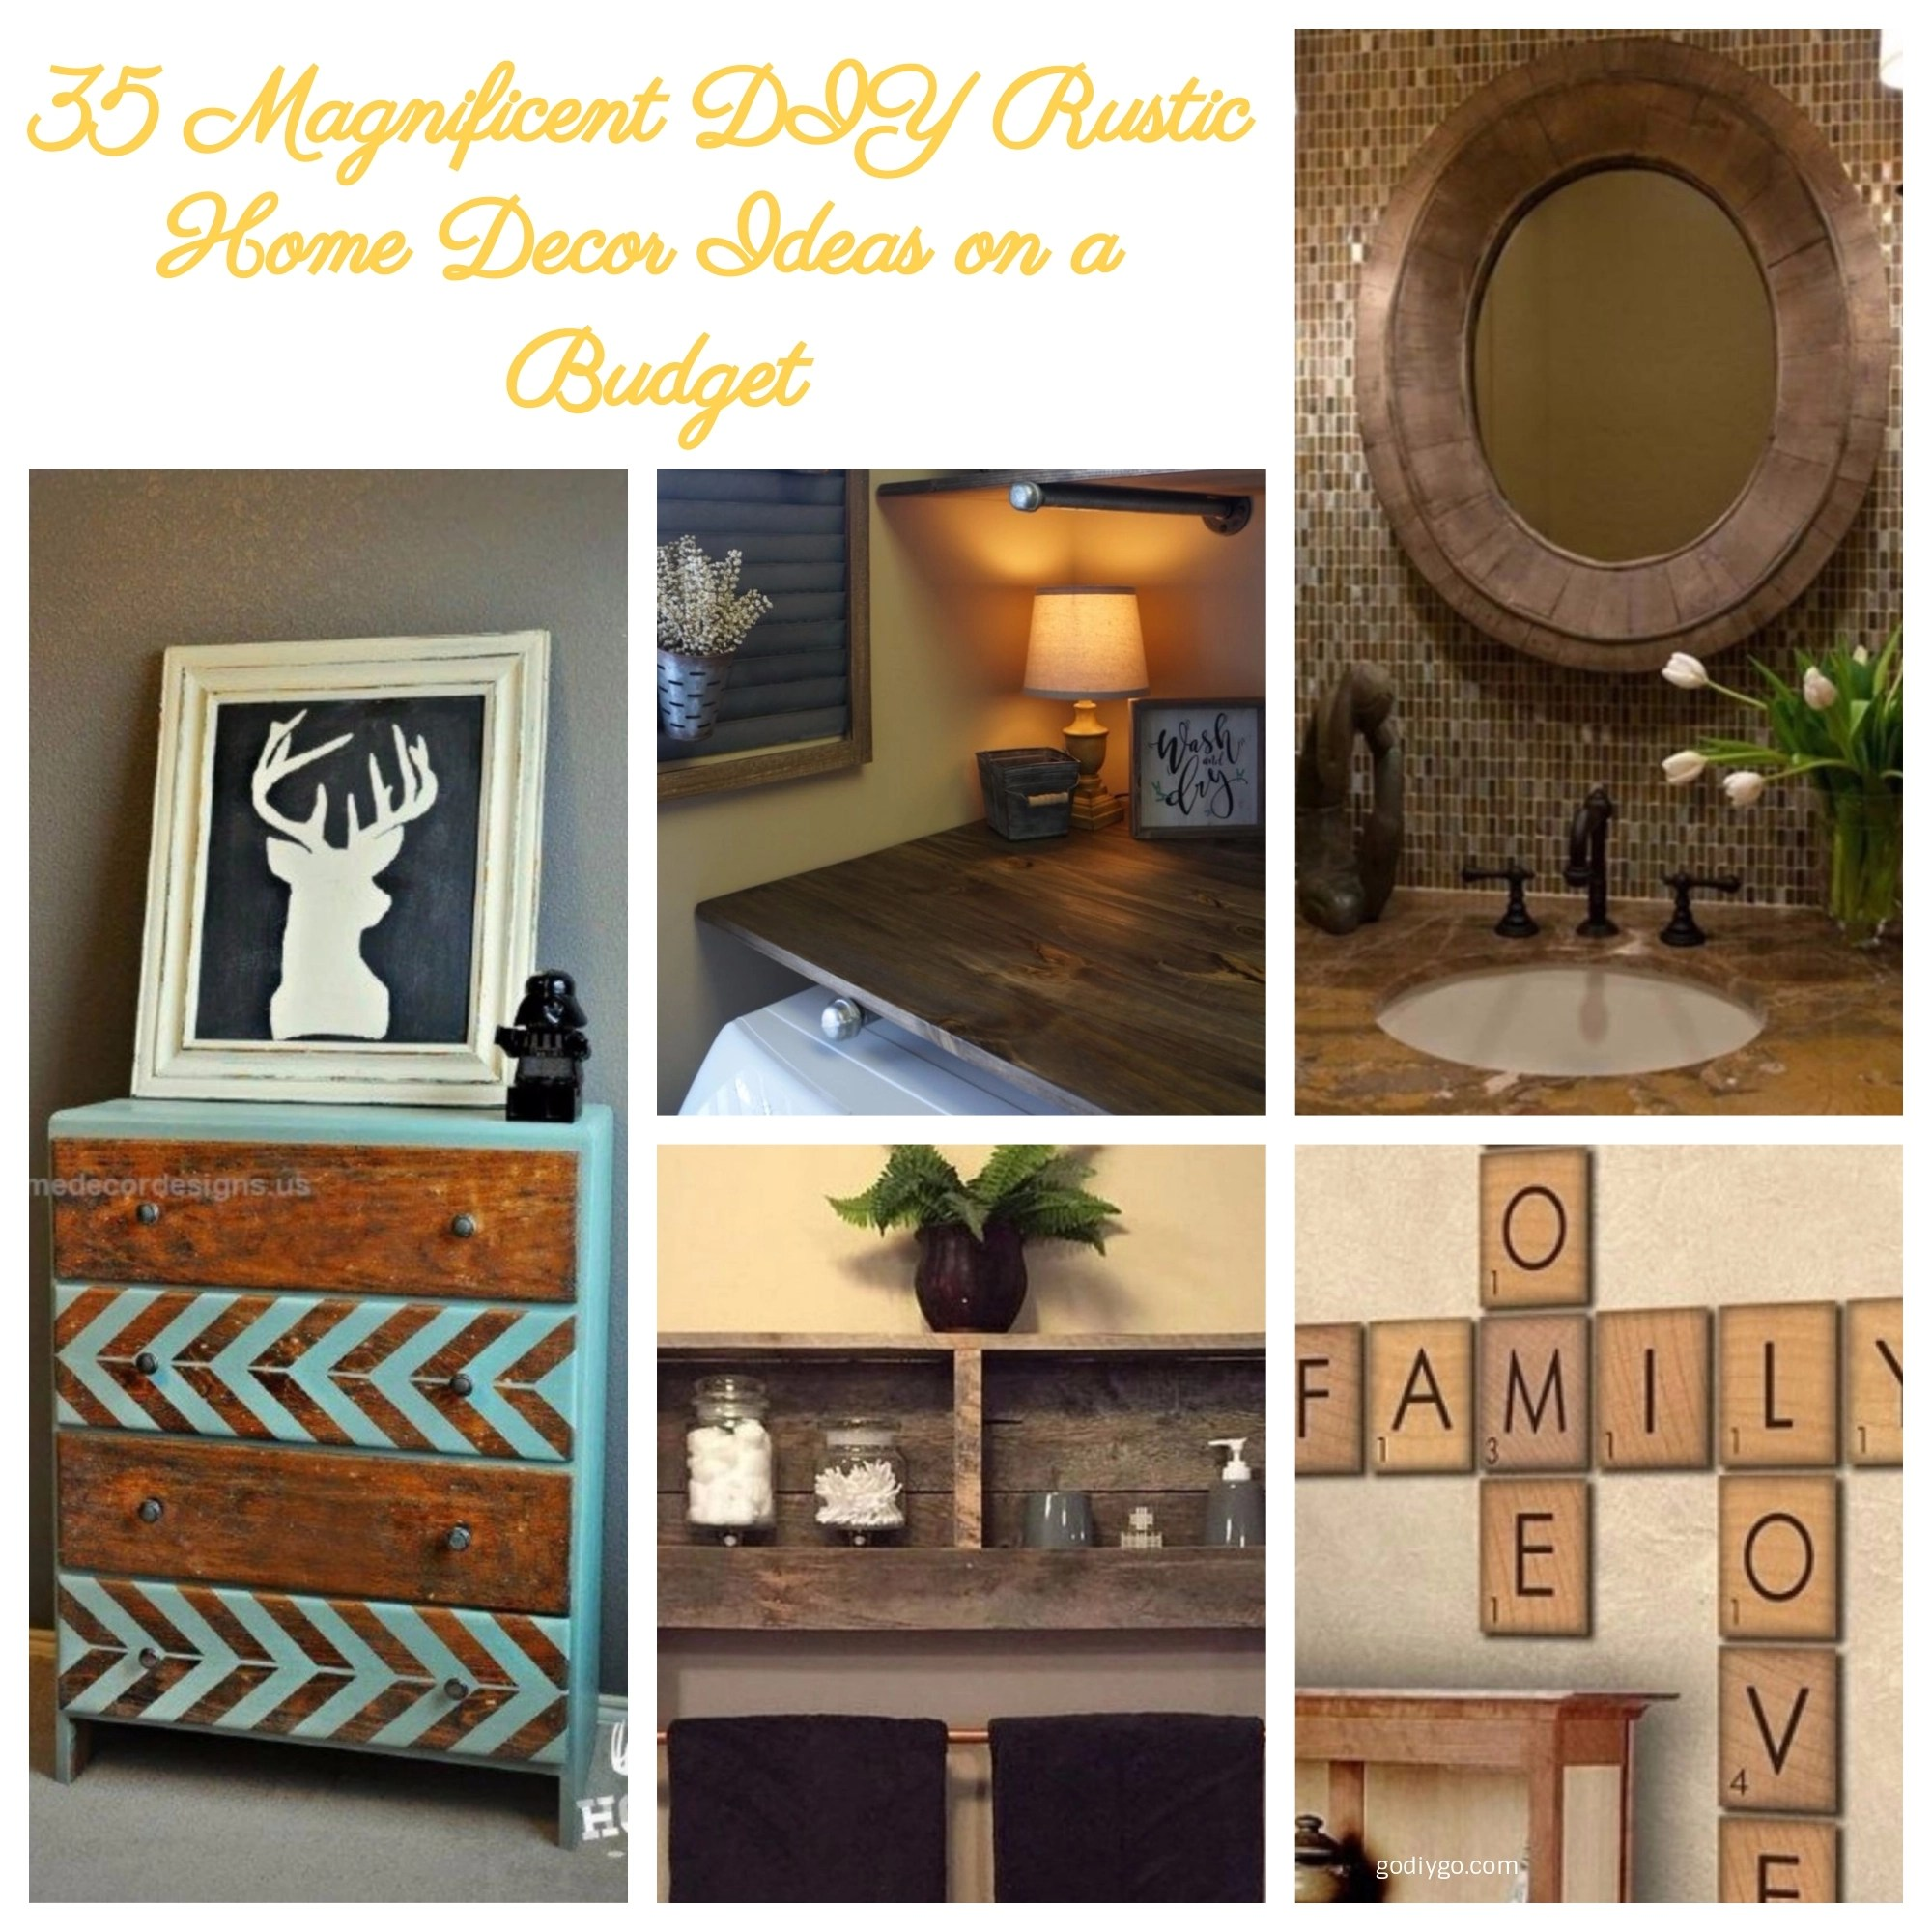 35 Magnificent Diy Rustic Home Decor Ideas On A Budget Godiygo Com Rh  Godiygo Com Creative Home Decorating Ideas On A Budget Home Decor Ideas On  A Budget